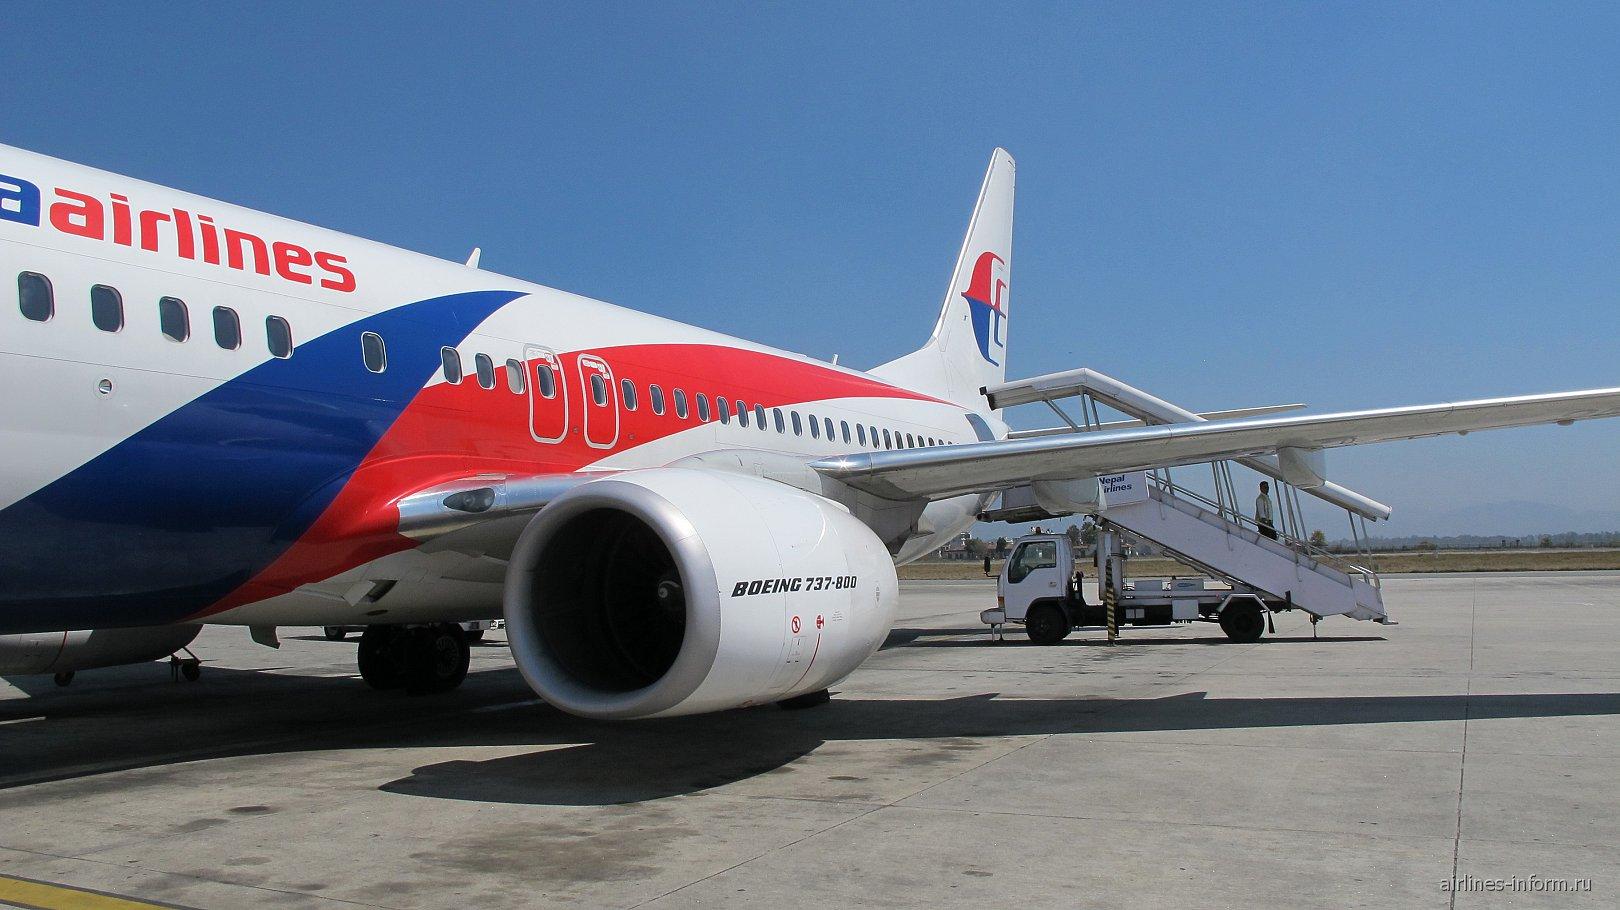 Открывая Малайзийские авиалинии, часть III–2: Национальный перевозчик Малайзии: Malaysia Airlines. Три столицы: из Пекина в Катманду через Куала-Лумпур. Boeing 737-800. Бизнес класс.